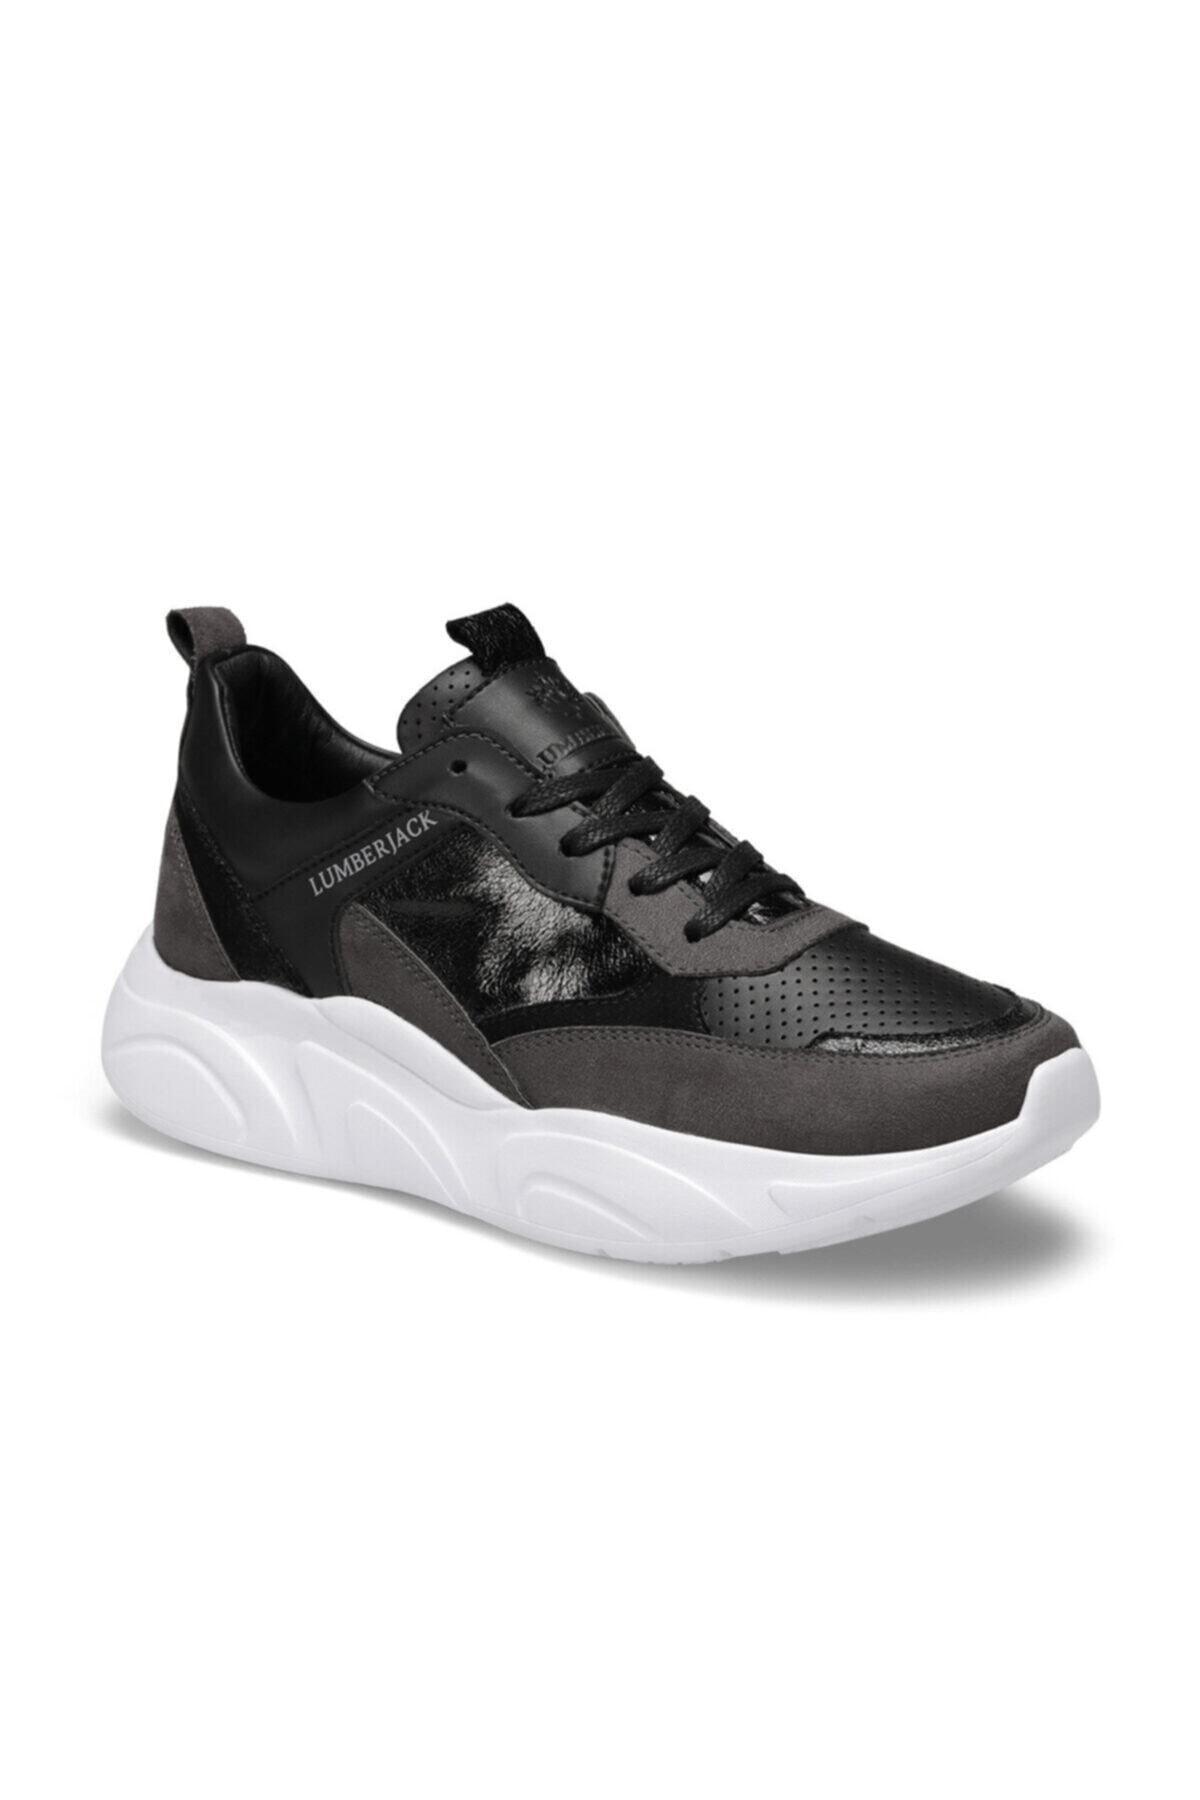 lumberjack LILIAN Siyah Kadın Sneaker Ayakkabı 100486544 1